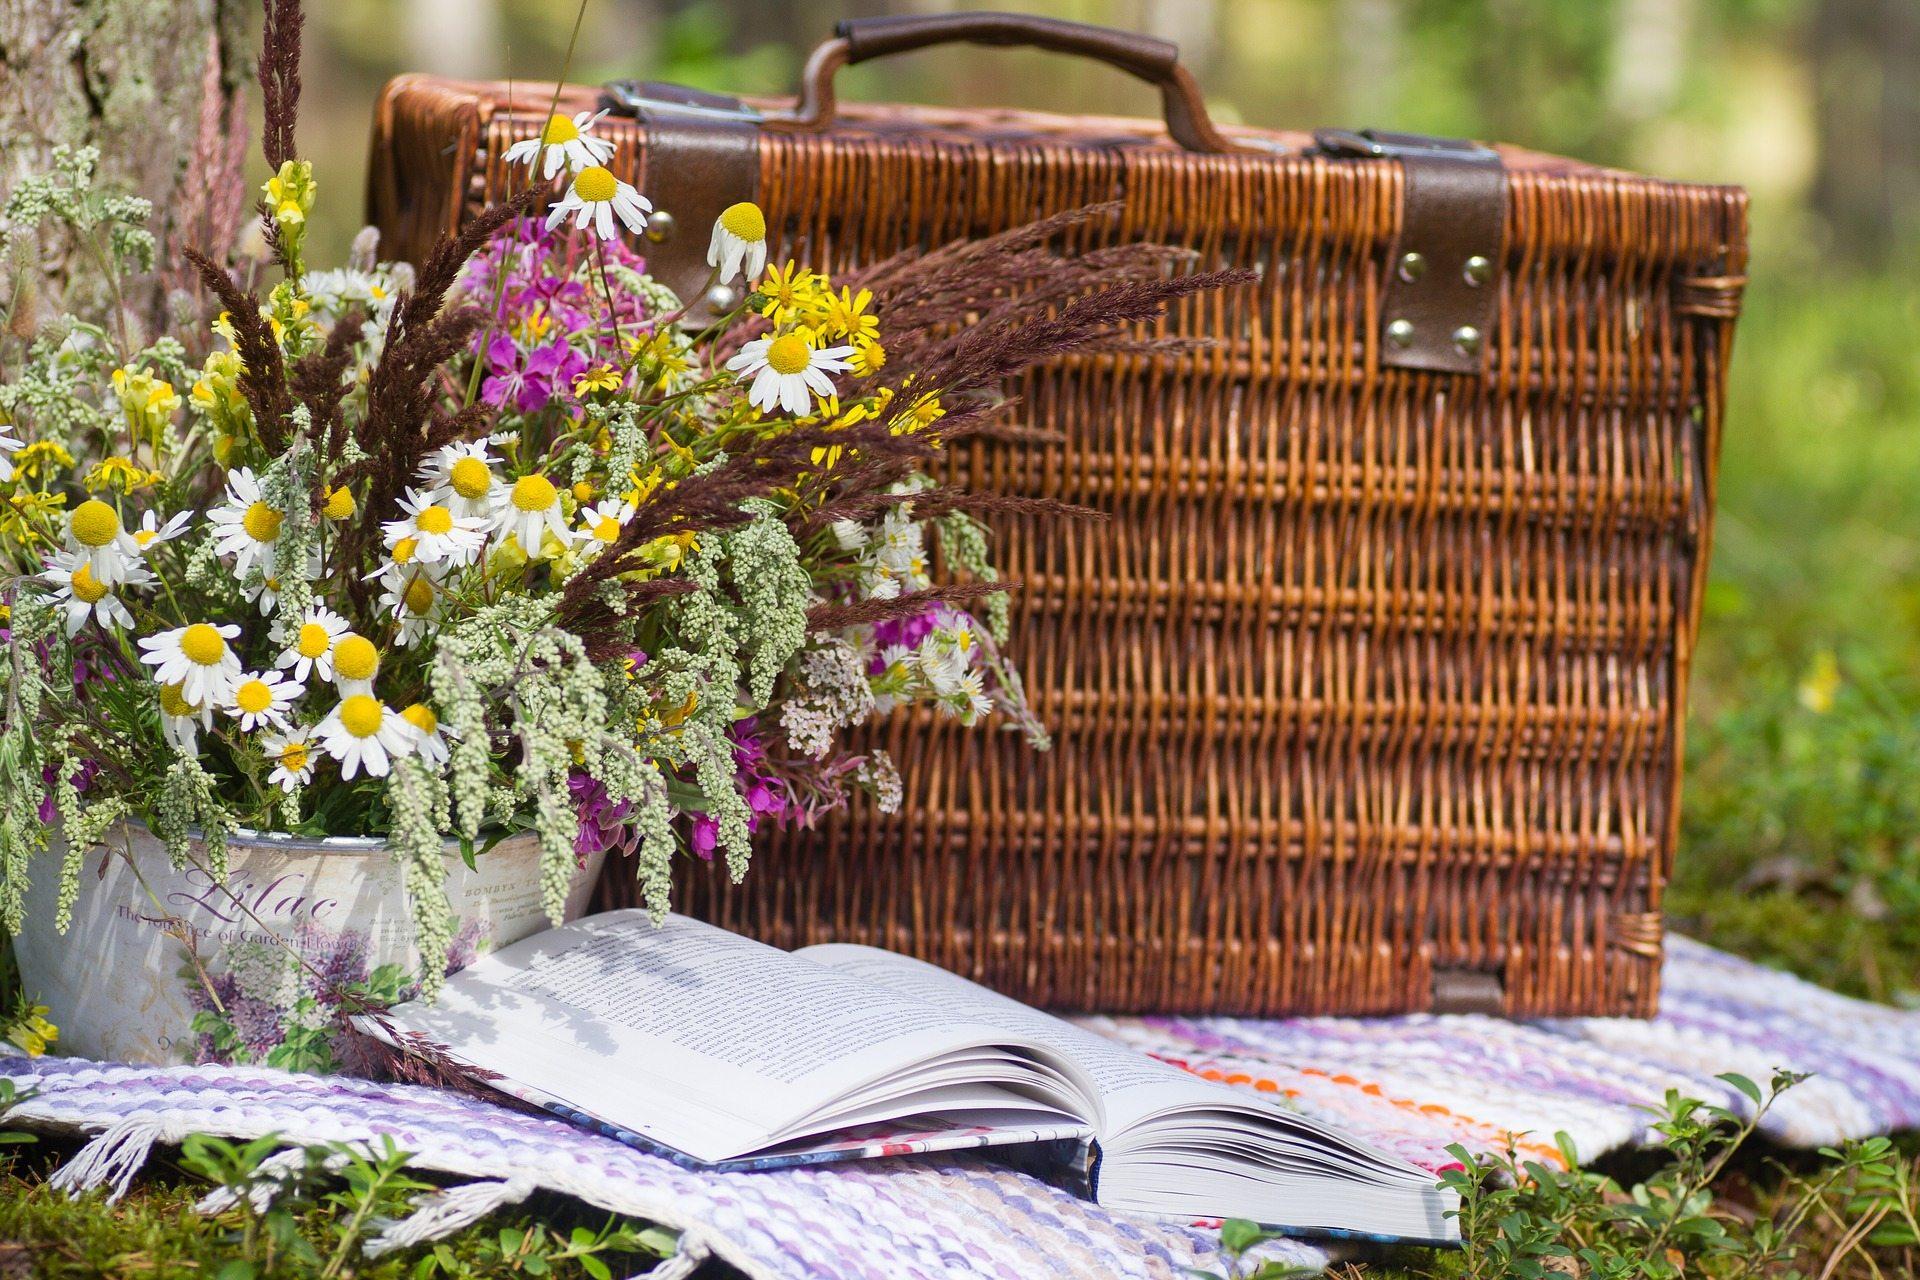 picnic basket hd wallpaper 73170